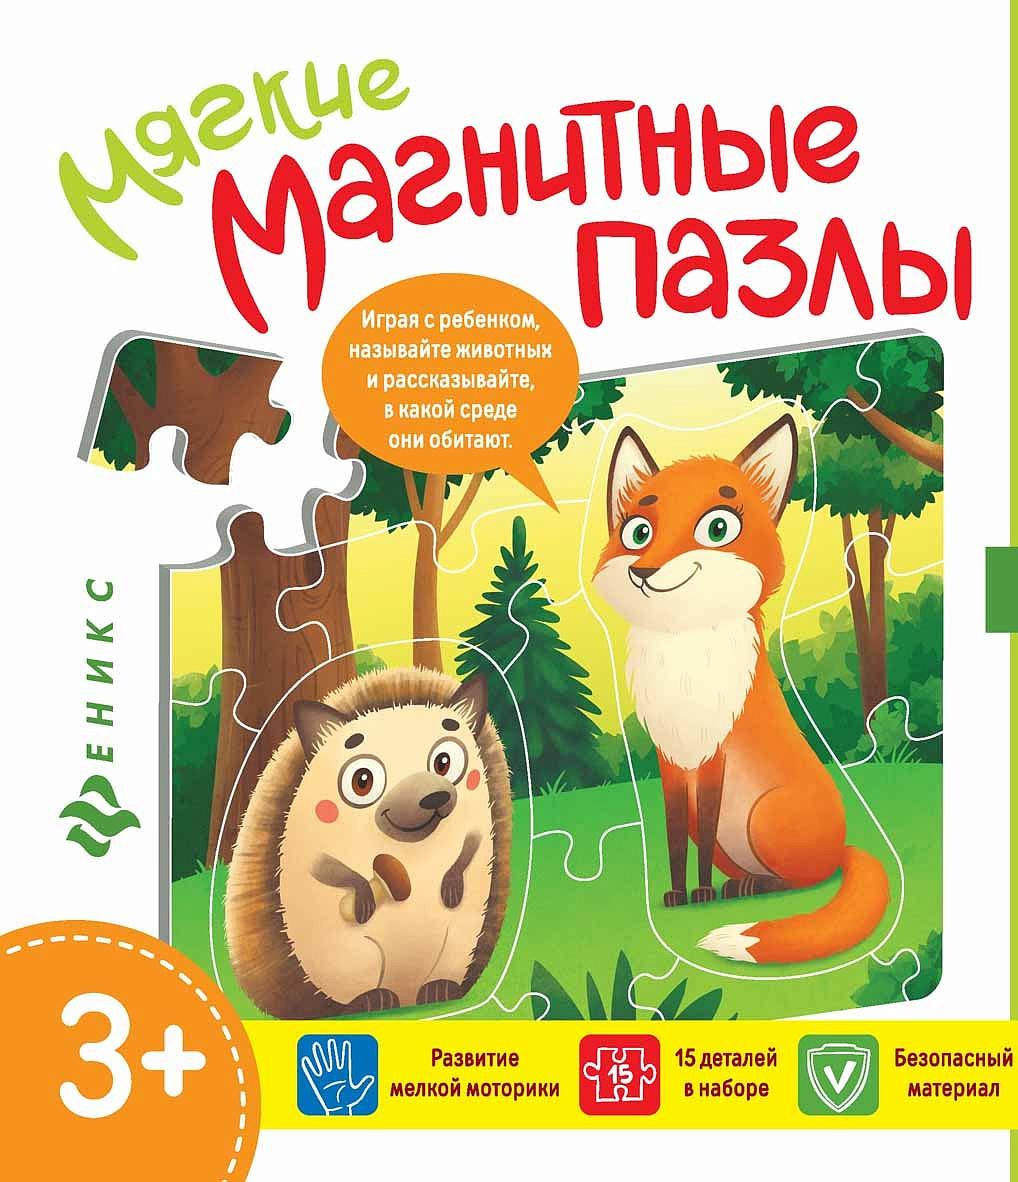 Купить Пазл ФЕНИКС МП2175 Ёжик и лисичка, Бумага, EVA, Для мальчиков и девочек, Пазлы